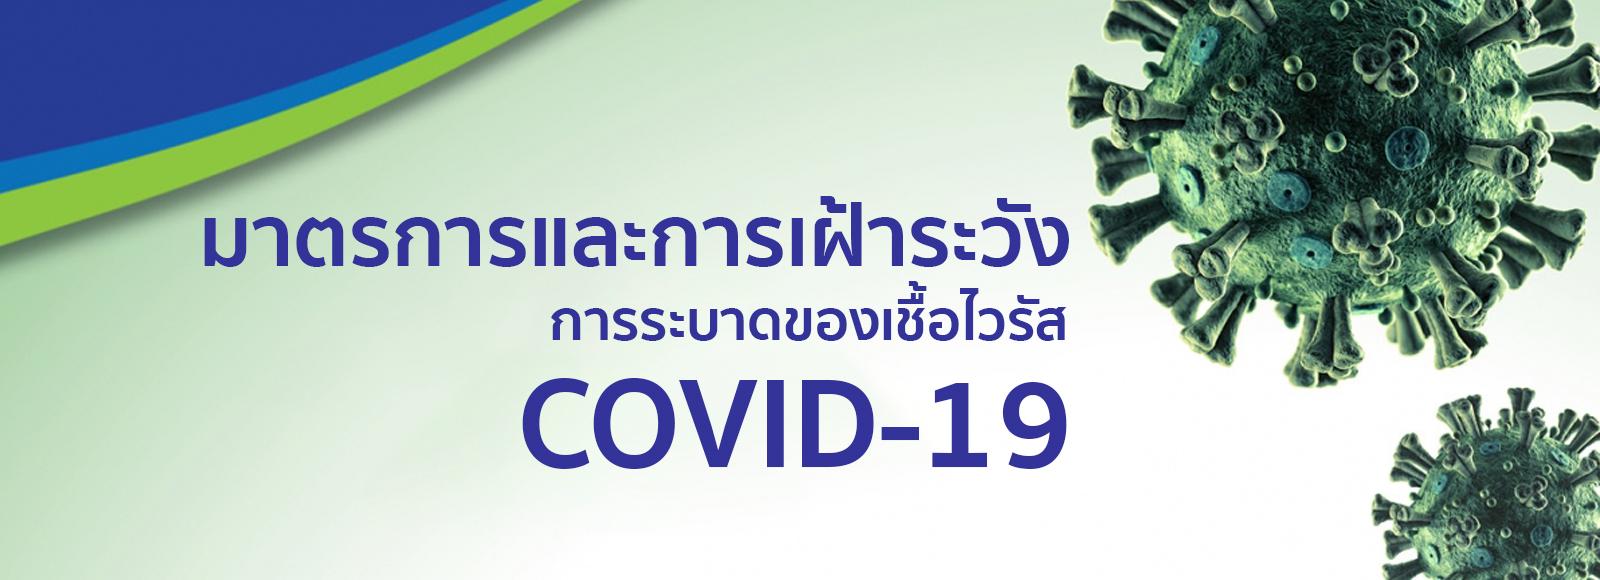 มาตรการและการเฝ้าระวังการระบาดของเชื้อไวรัส COVID-19